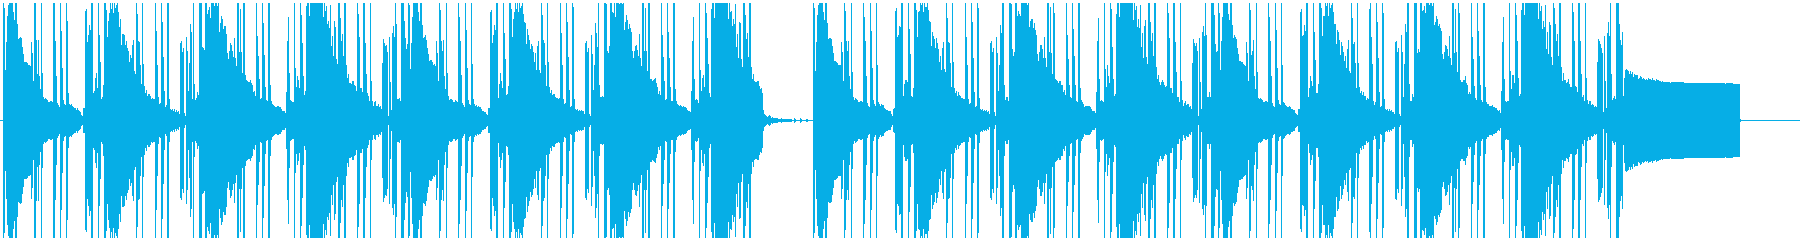 【LOFI HIPHOP】深夜集中Dの再生済みの波形